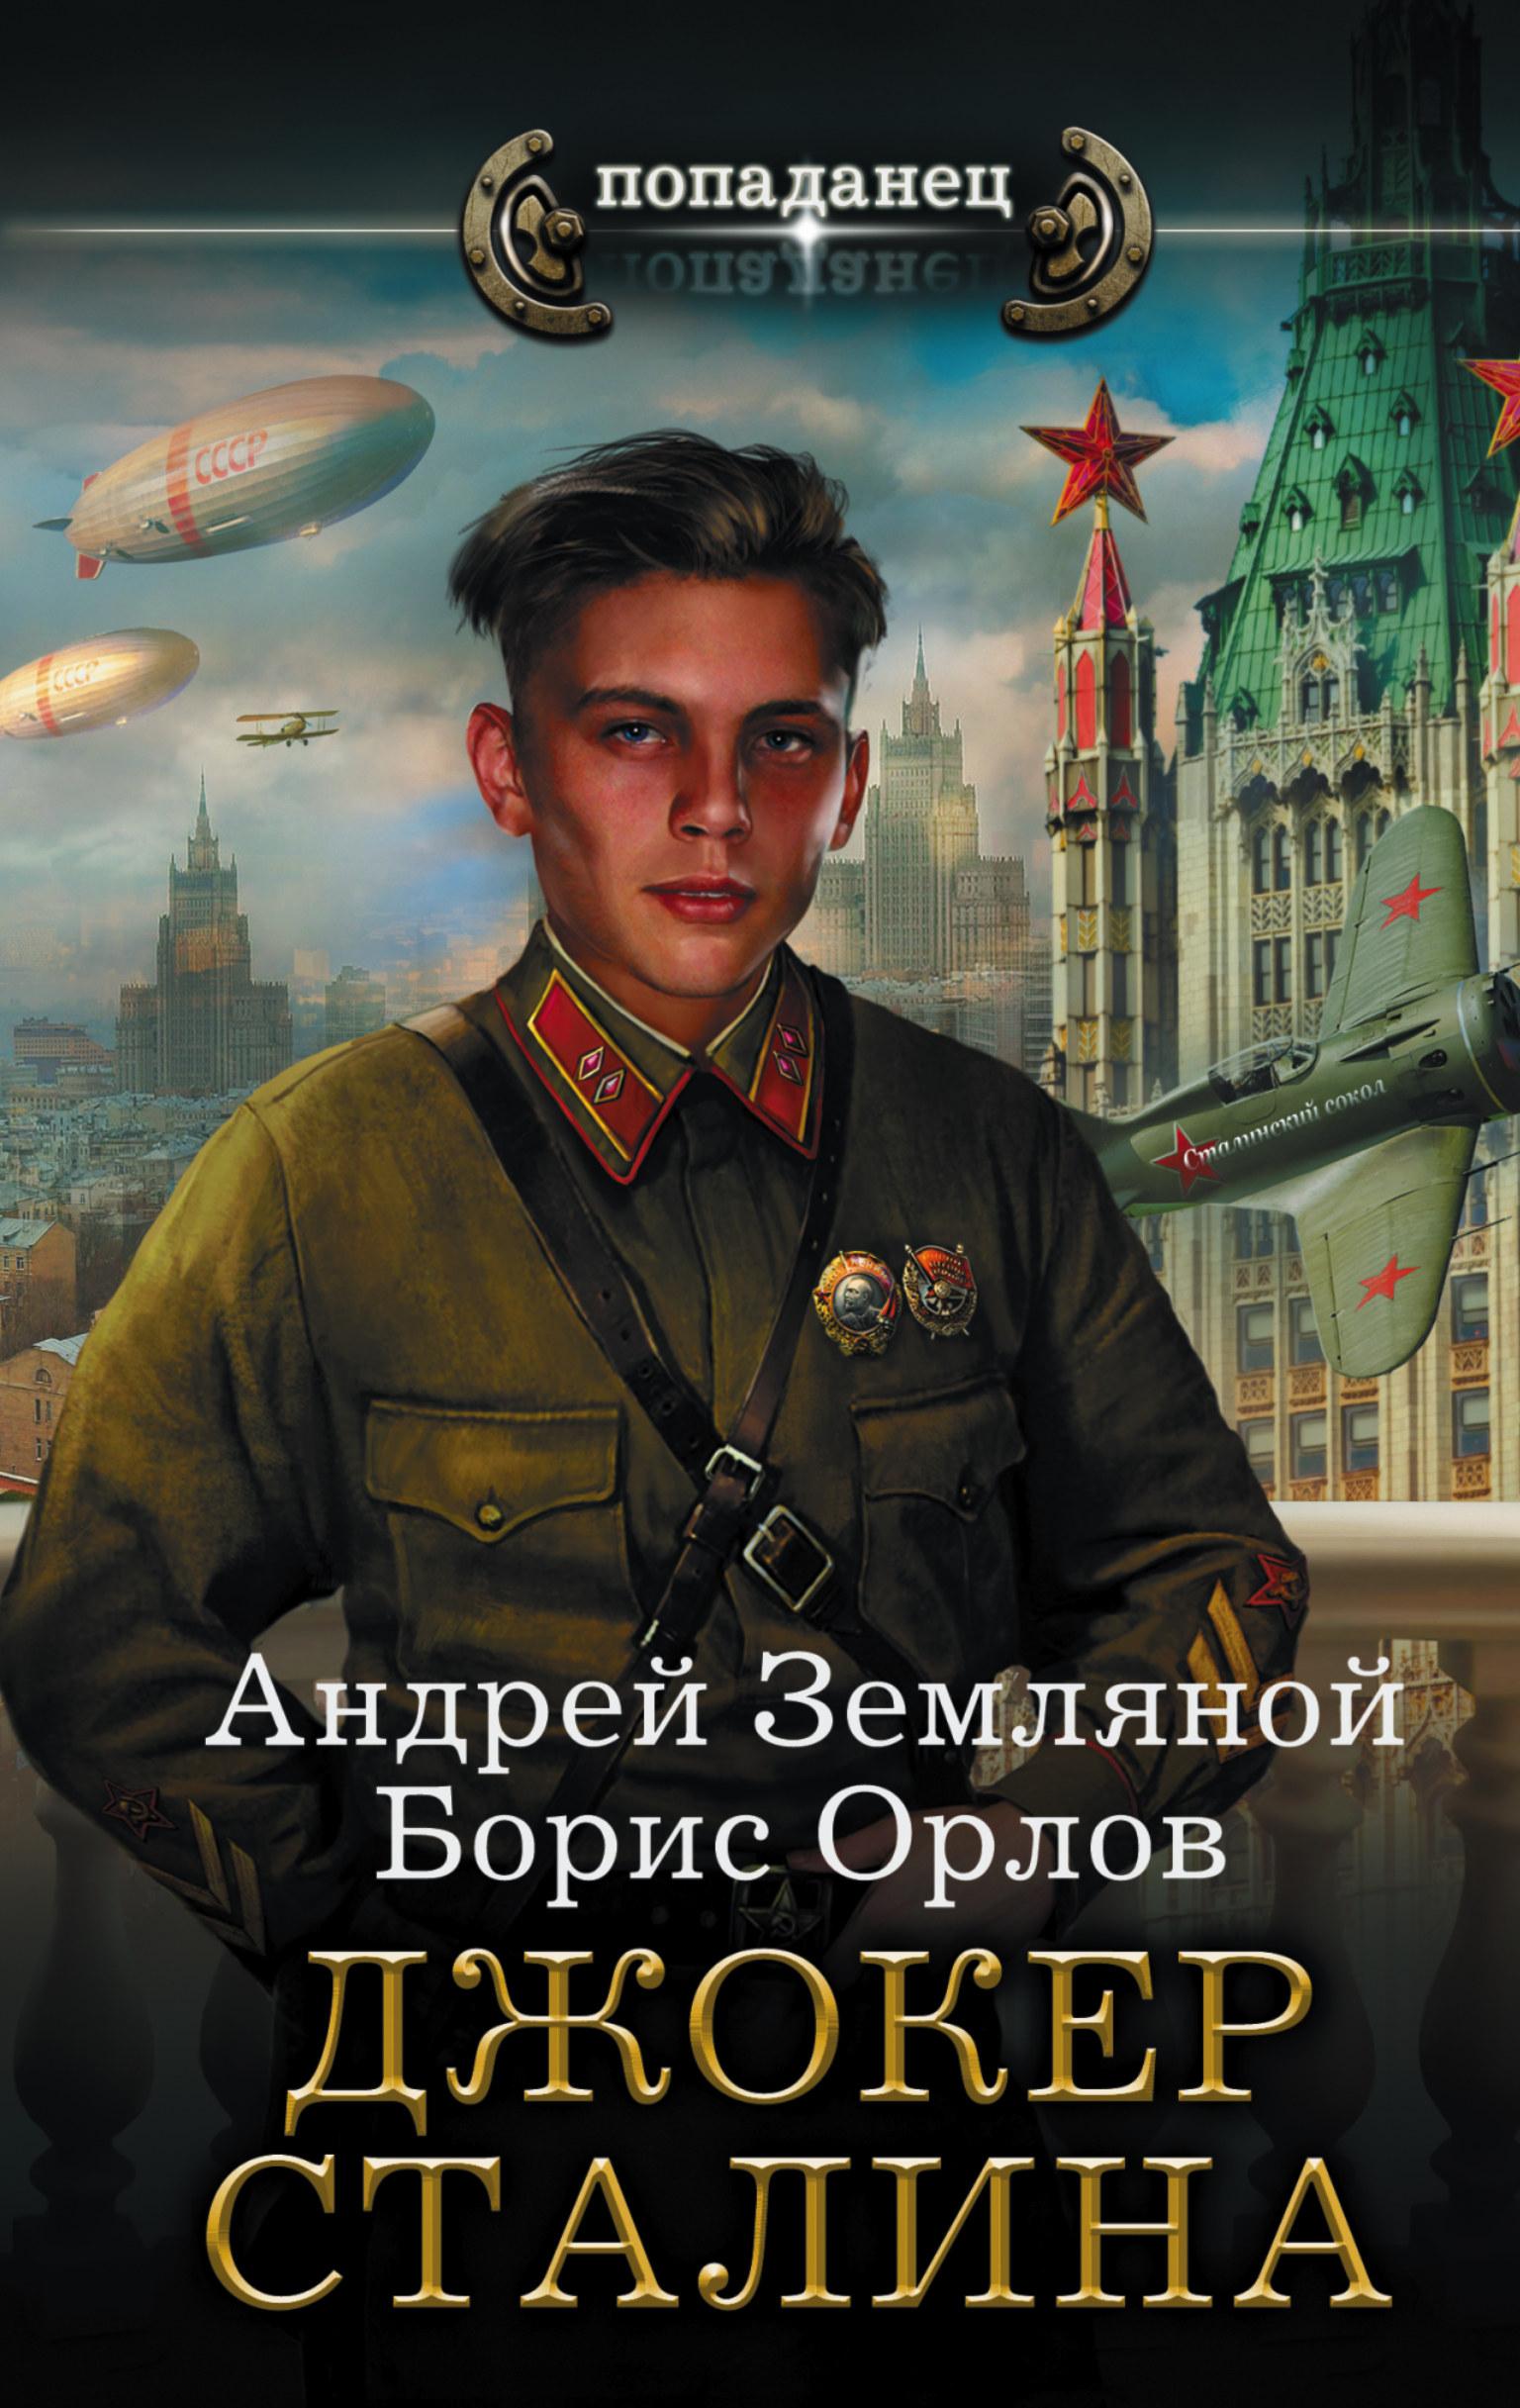 Земляной Андрей; Орлов Борис Львович Джокер Сталина андрей земляной борис орлов глубина